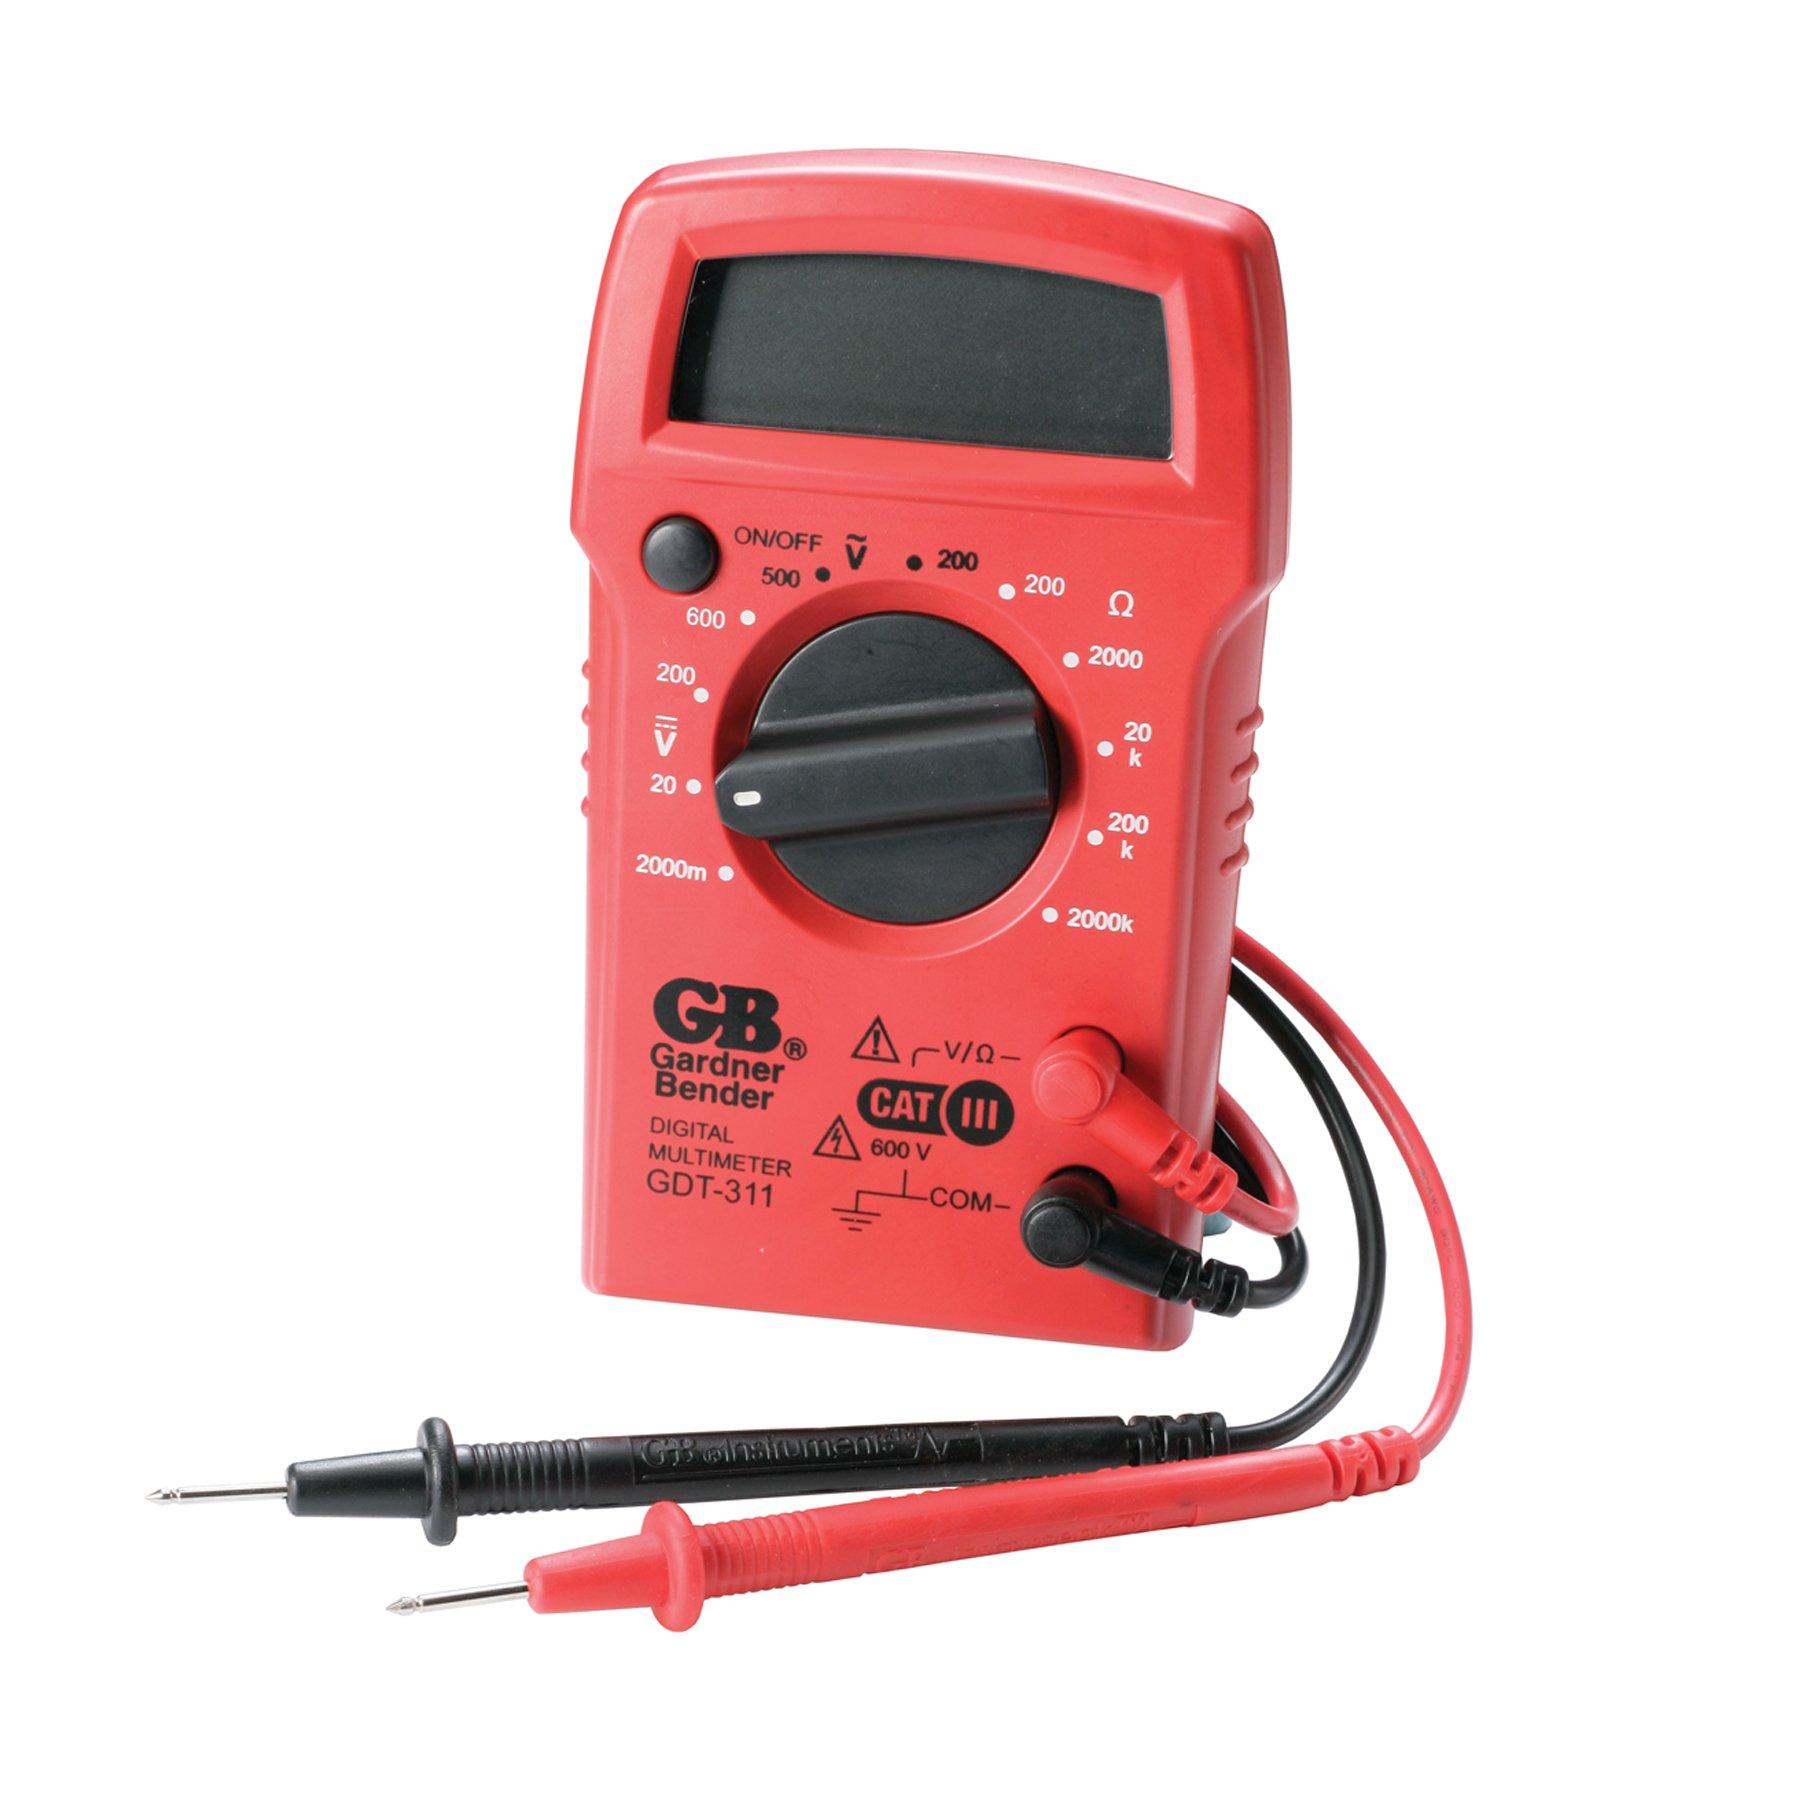 Gardner Bender GDT-311 Digital Multimeter, 3 Function, 11 Range, Tests AC/DC Voltage and Resistance, Manual Ranging, 3.5 inch Display, 1/Each